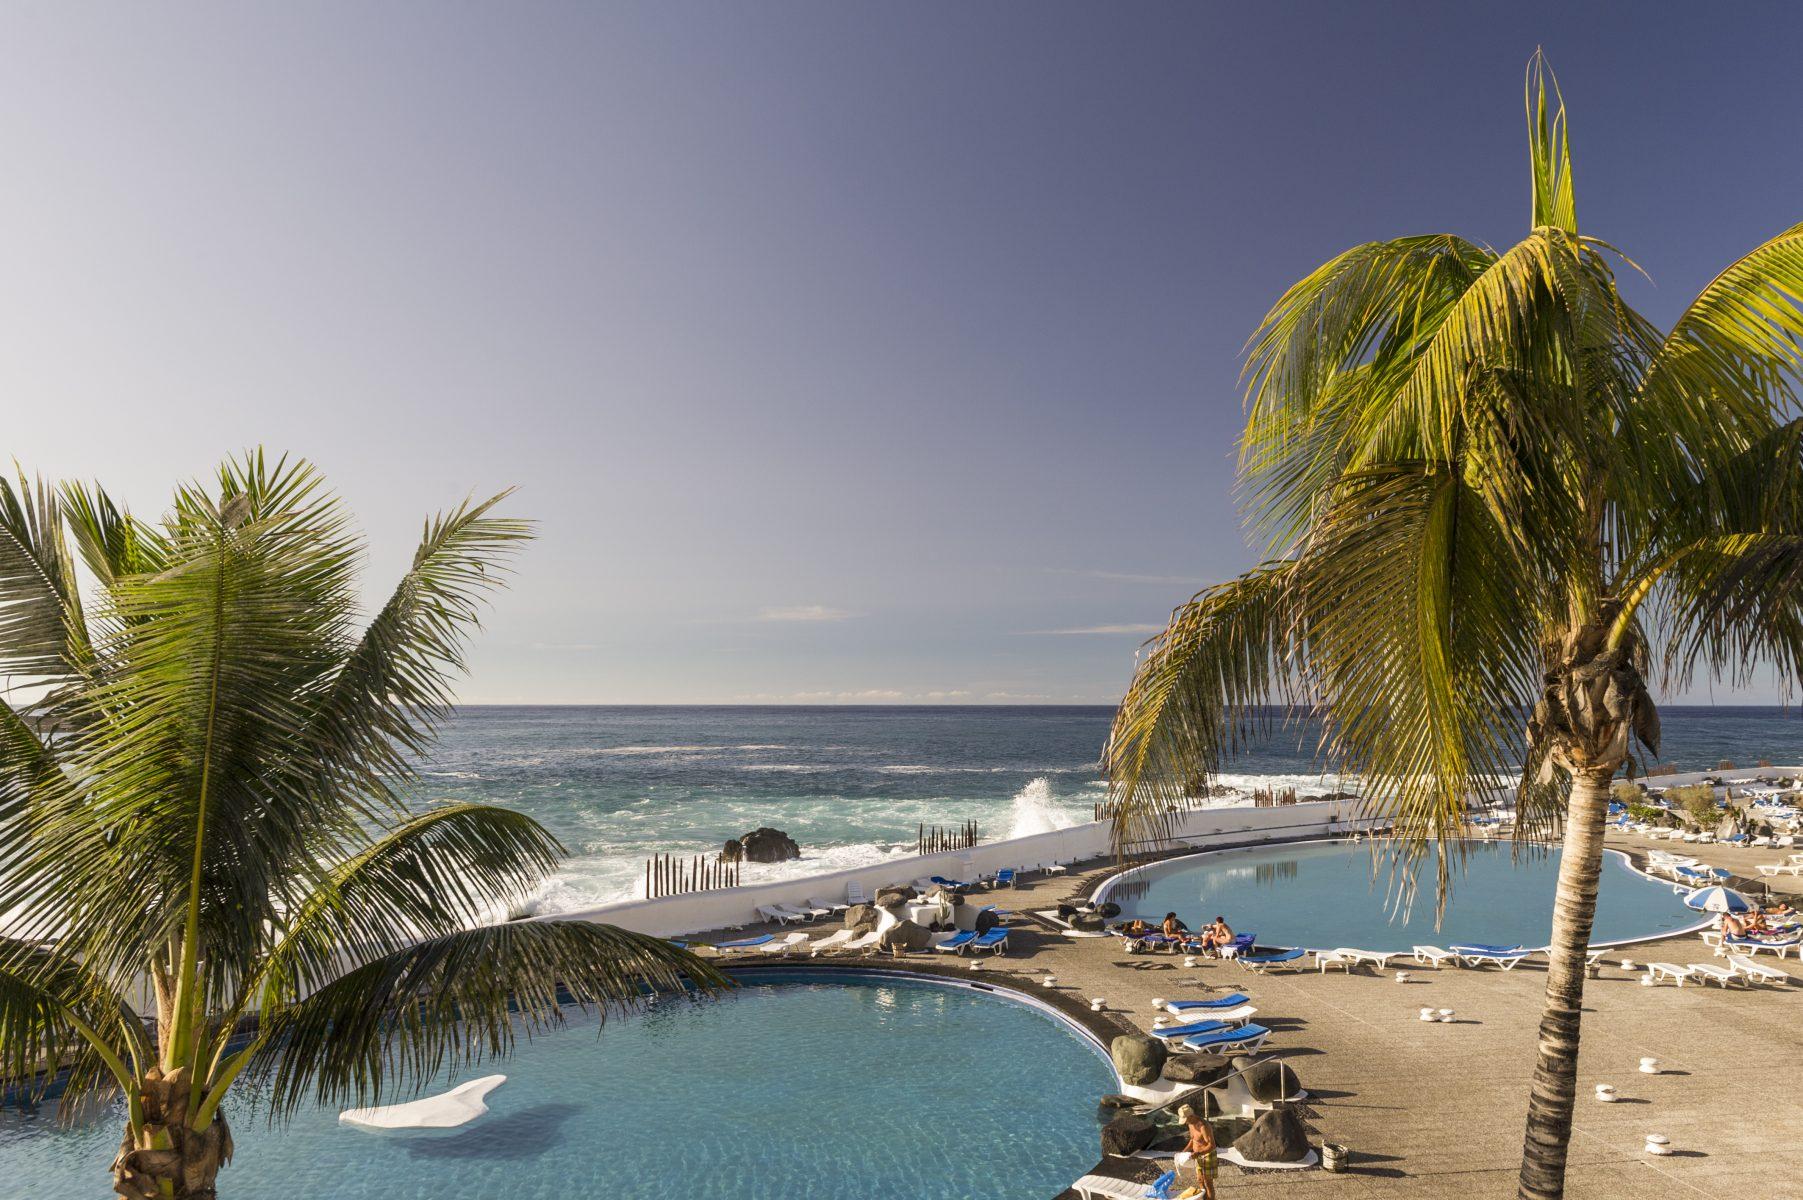 Tenerife, nas Ilhas Canárias, é uma das paradas do cruzeiro